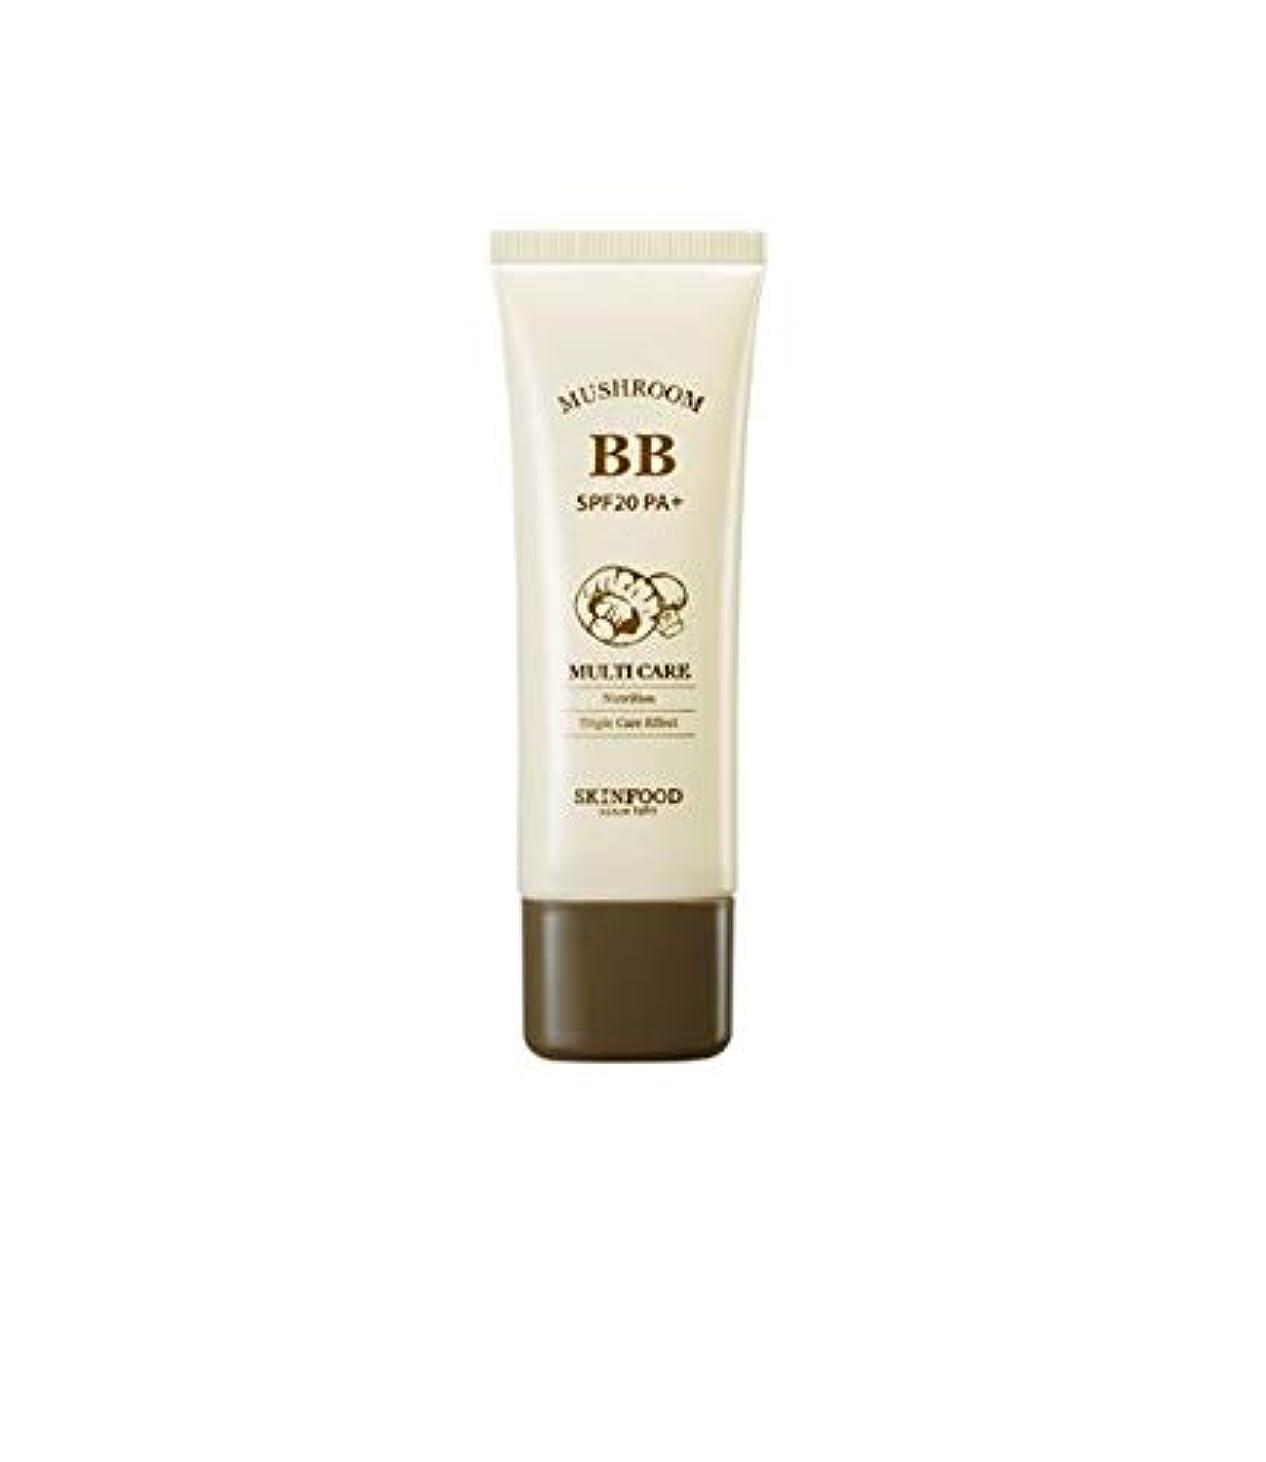 予報予言する見物人Skinfood マッシュルームマルチケアBBクリームSPF20 PA +#No. 1ブライトスキン / Mushroom Multi Care BB Cream SPF20 PA+# No. 1 Bright Skin...